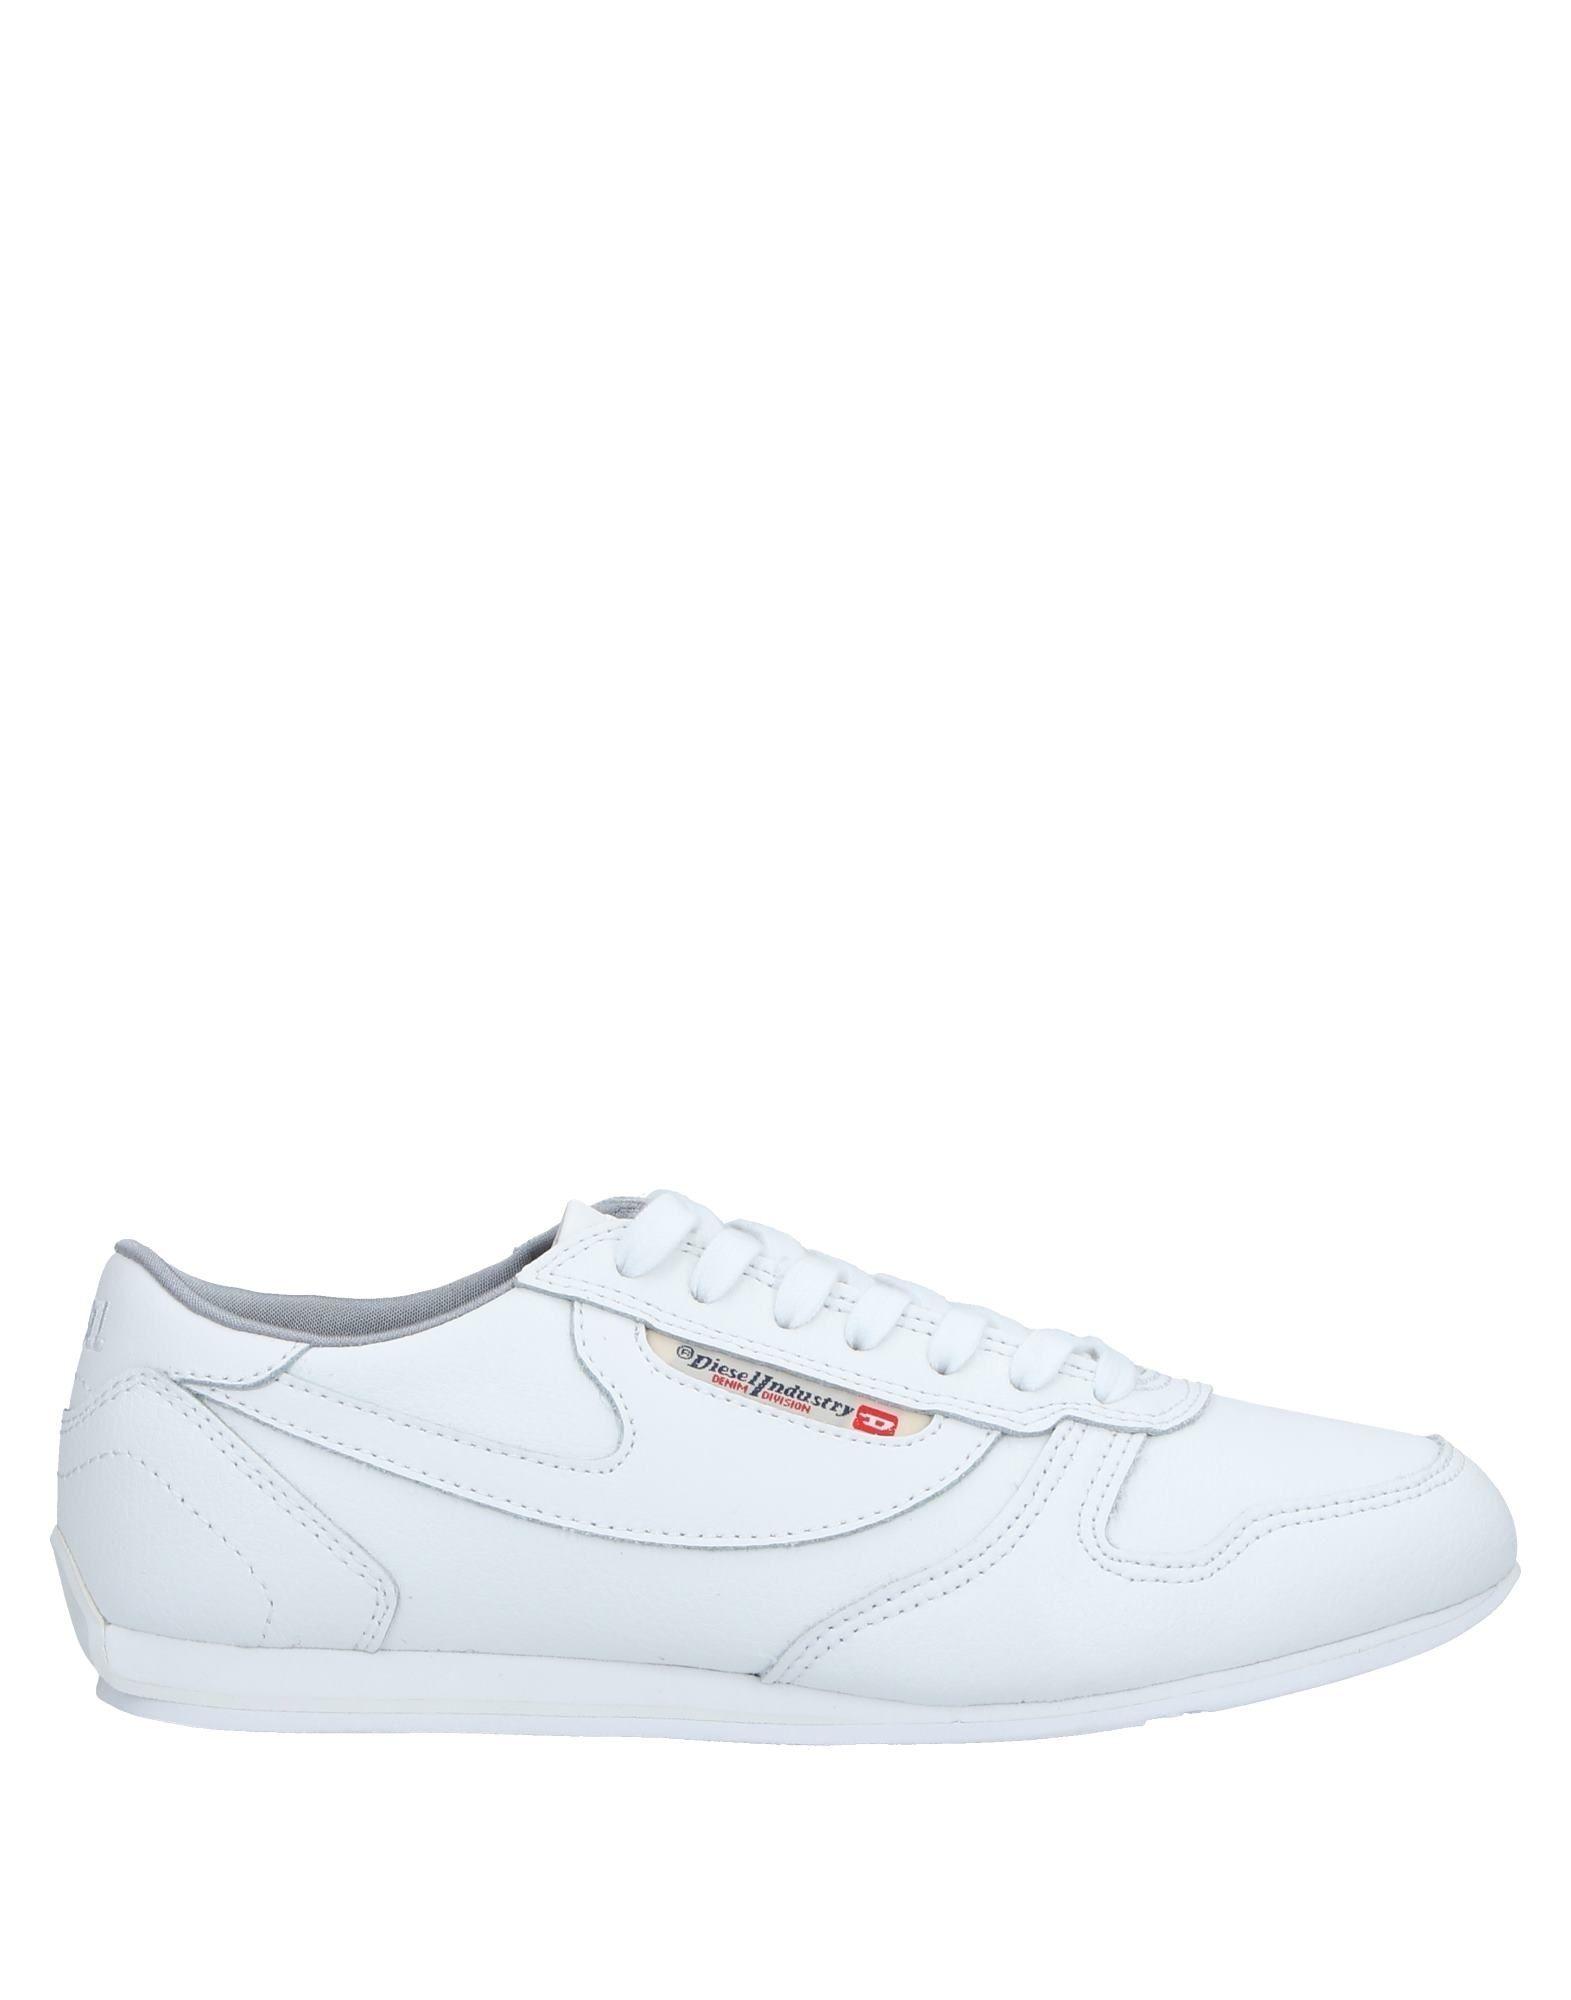 Scarpe economiche e resistenti Sneakers Diesel Donna - 11535287UU